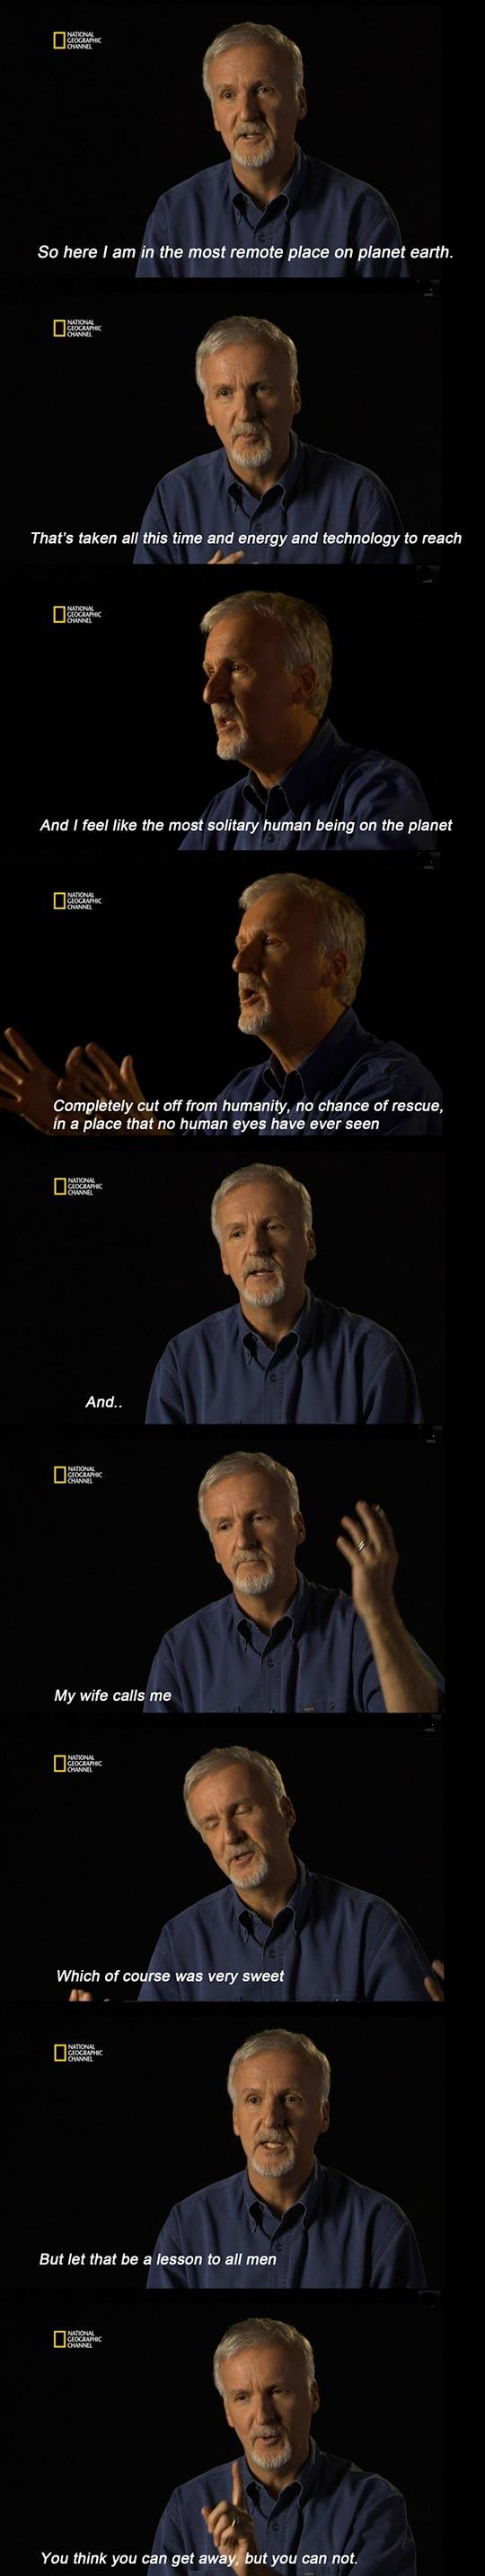 James Cameron Is Hilarious